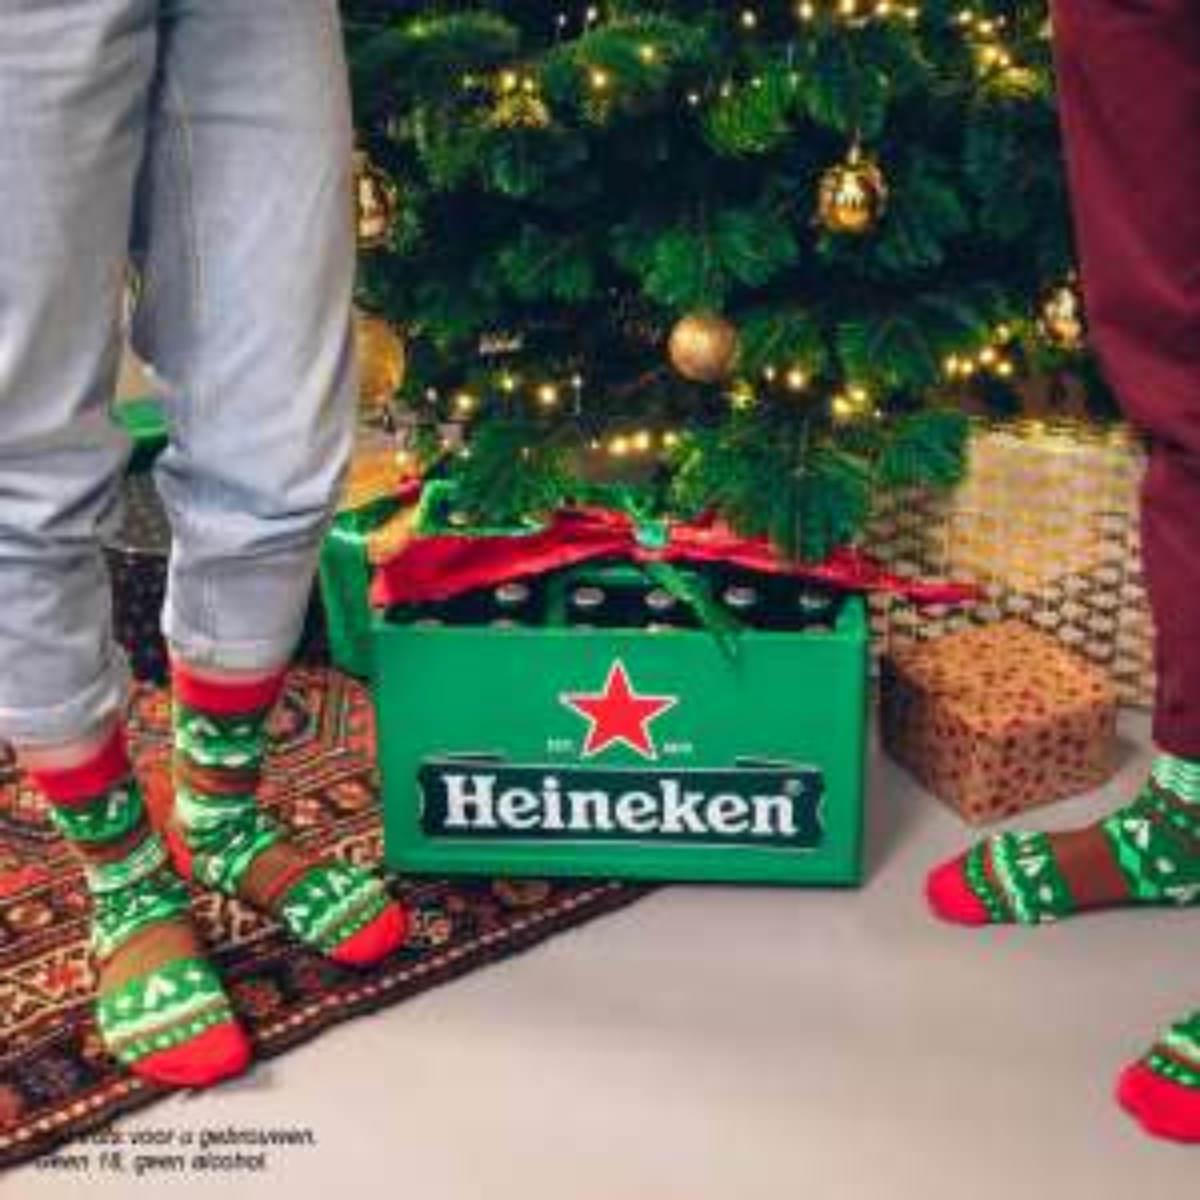 Gratis Heineken kerstsokken bij krat of 0.0